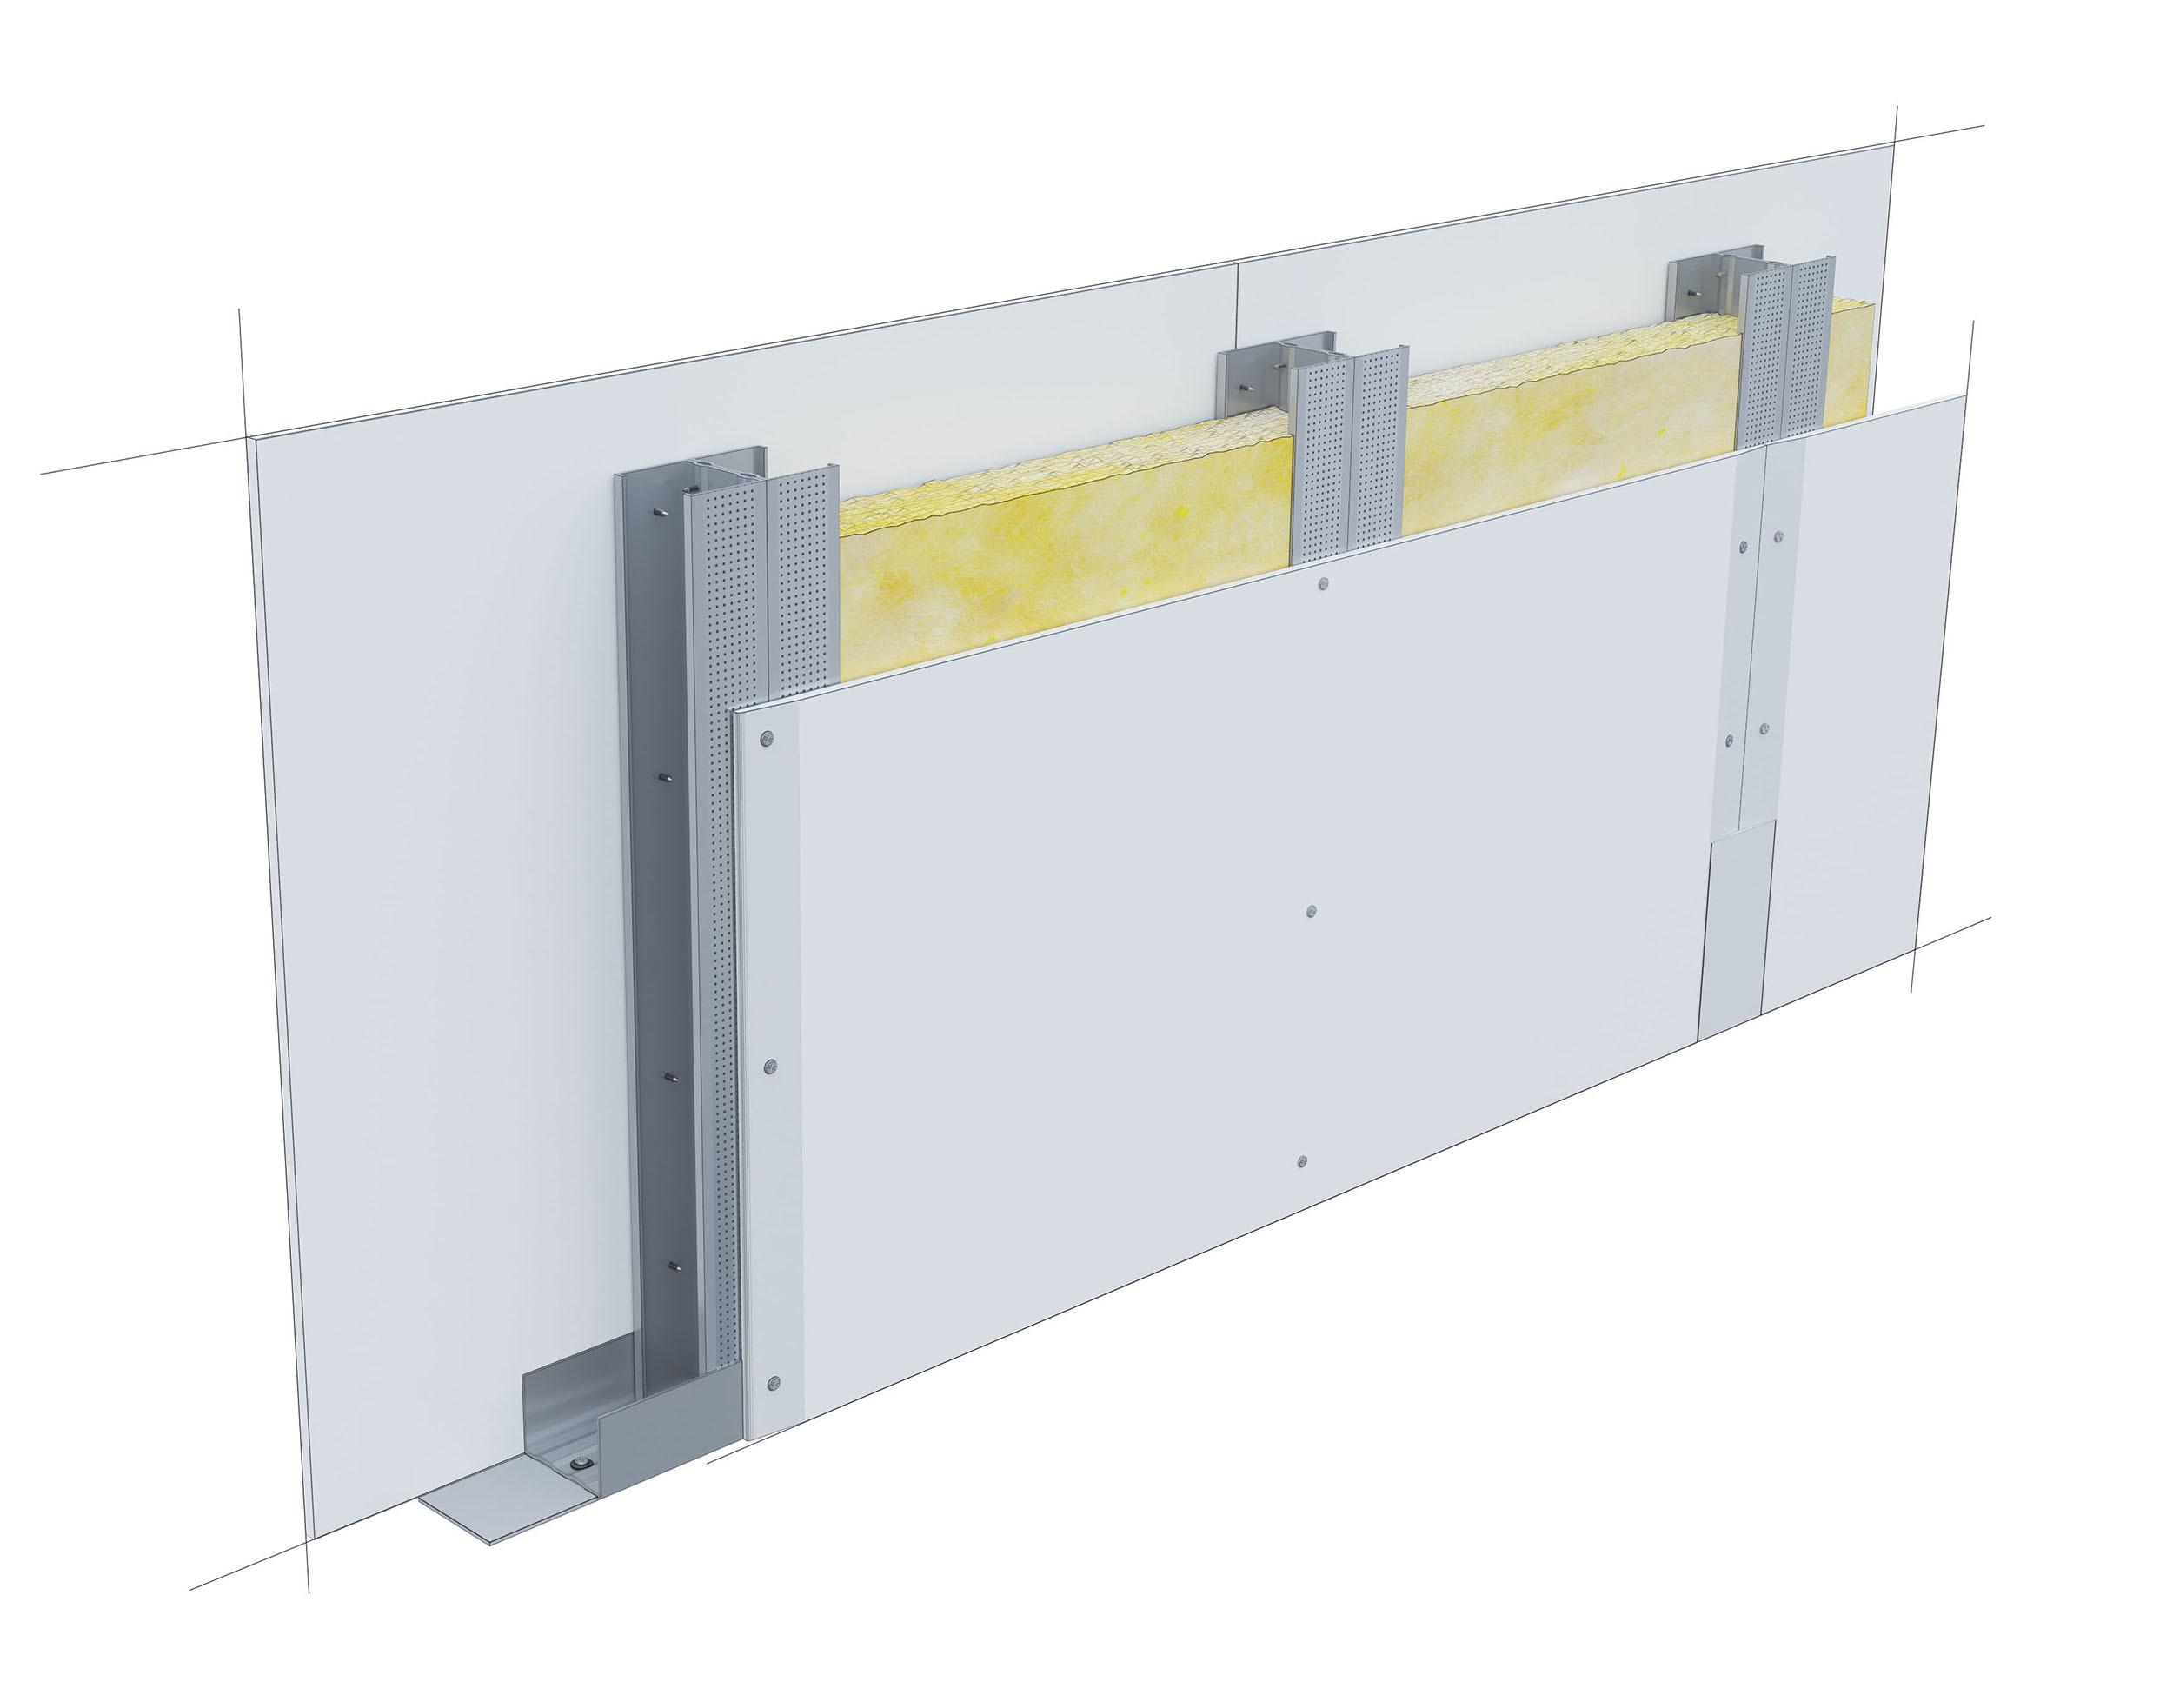 Perete D75, CW50-H@60, 2x1 Standard 12.5 + MW